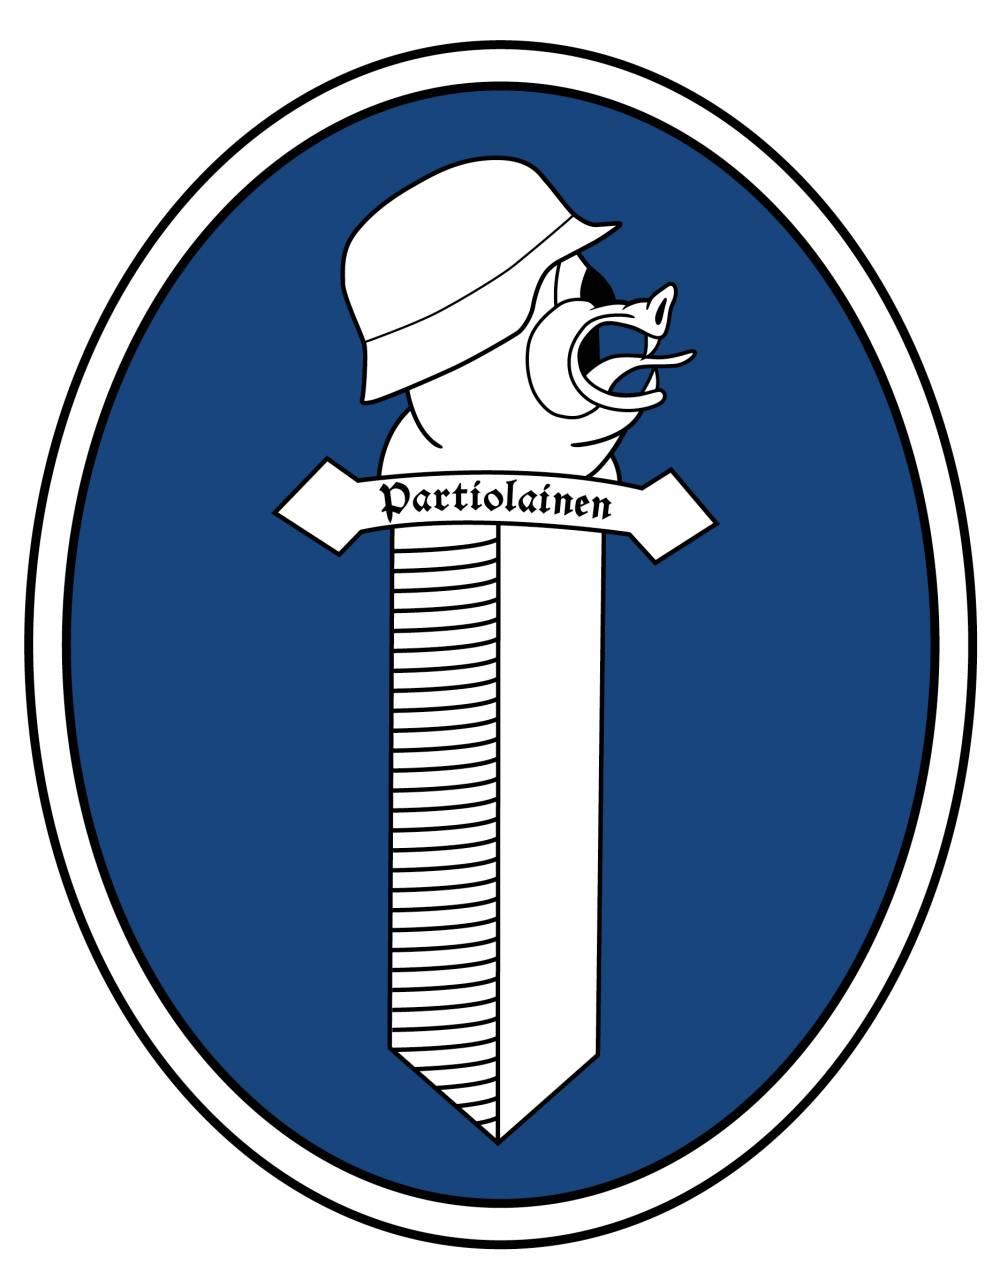 """Miehistön hihamerkissä lukee """"Partiolainen"""". Päällystön tunnistaa hihamerkin tekstistä """"Obersturmbannführer"""". Kirjoituksen yläpuolella hihamerkki yhdistettynä ohjesäännön mukaiseen hihanauhaan."""